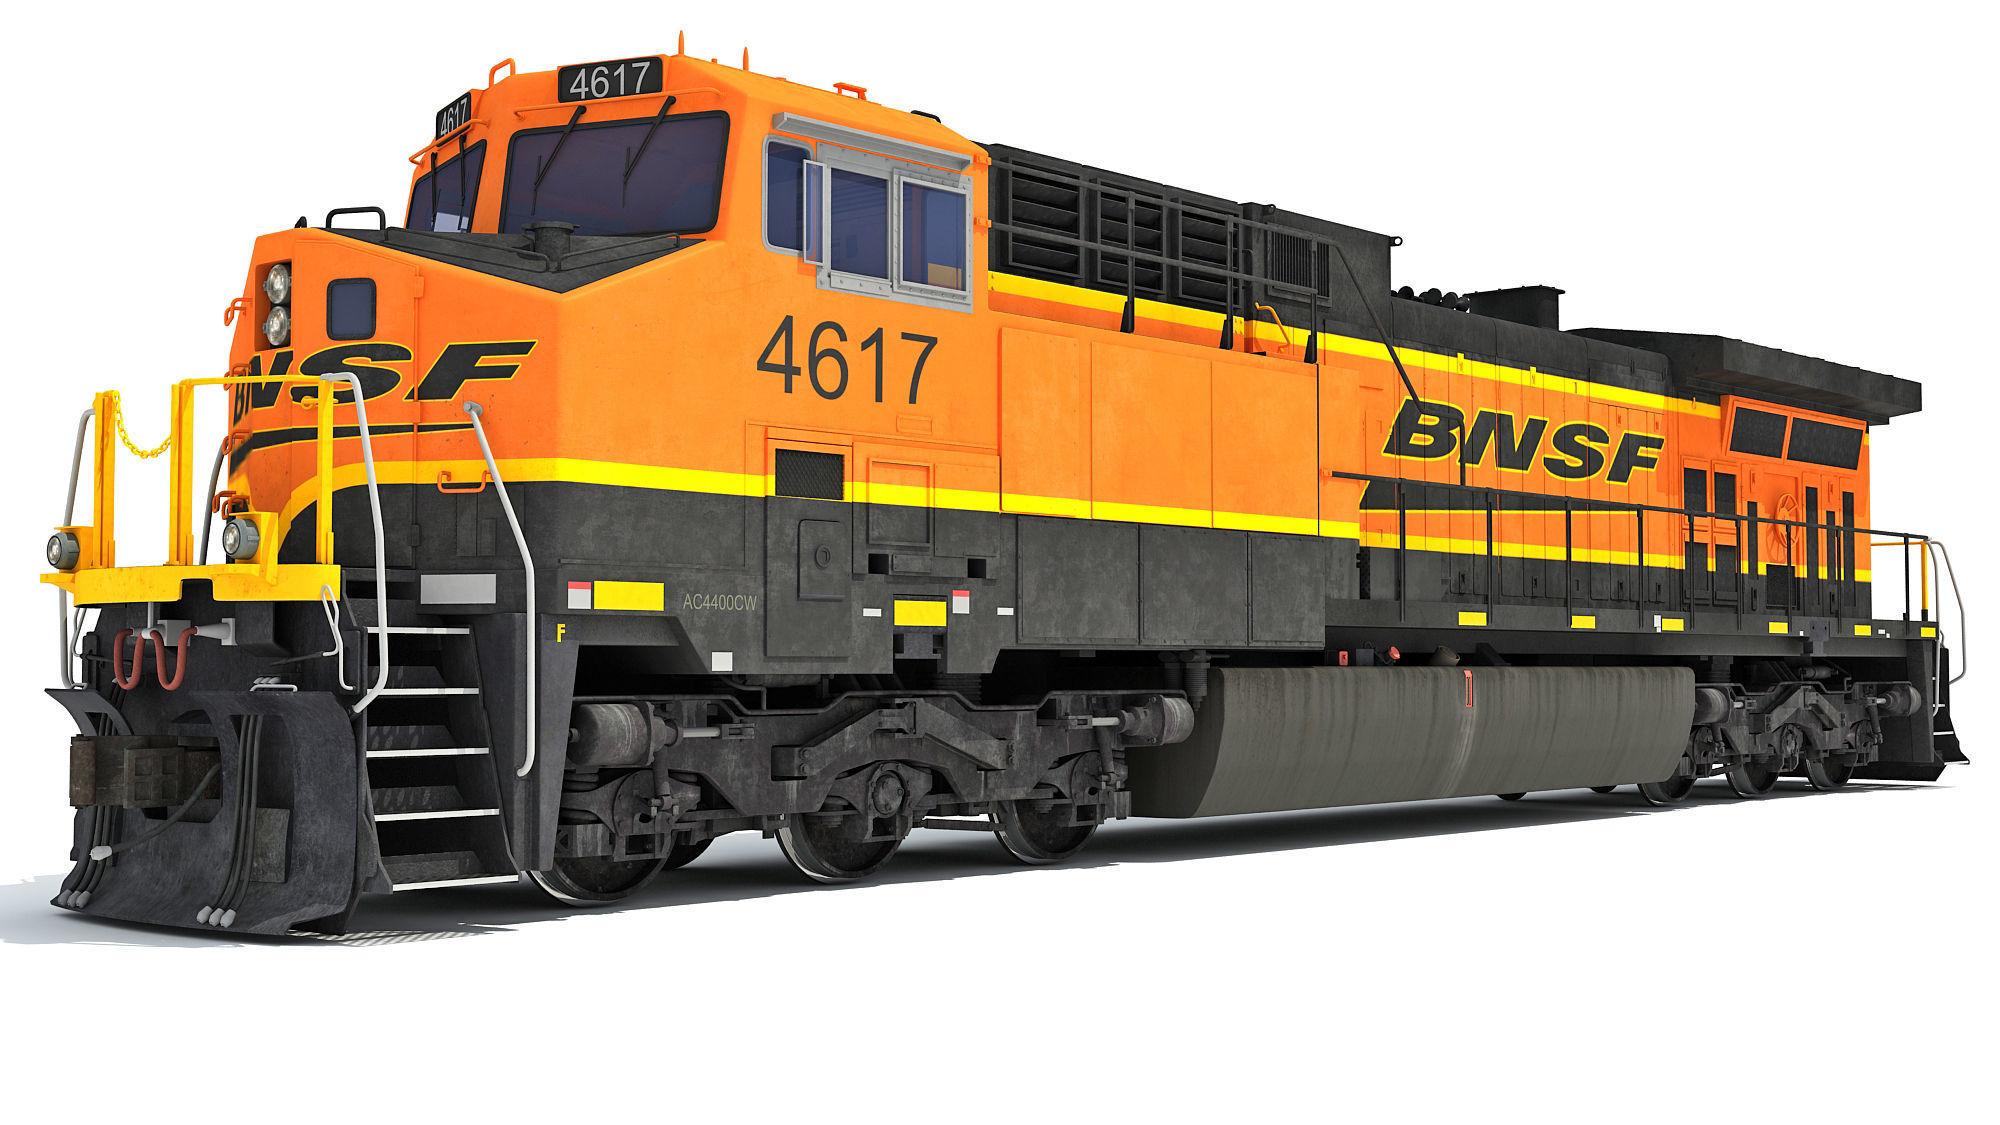 Locomotive GE AC4400CW BNSF